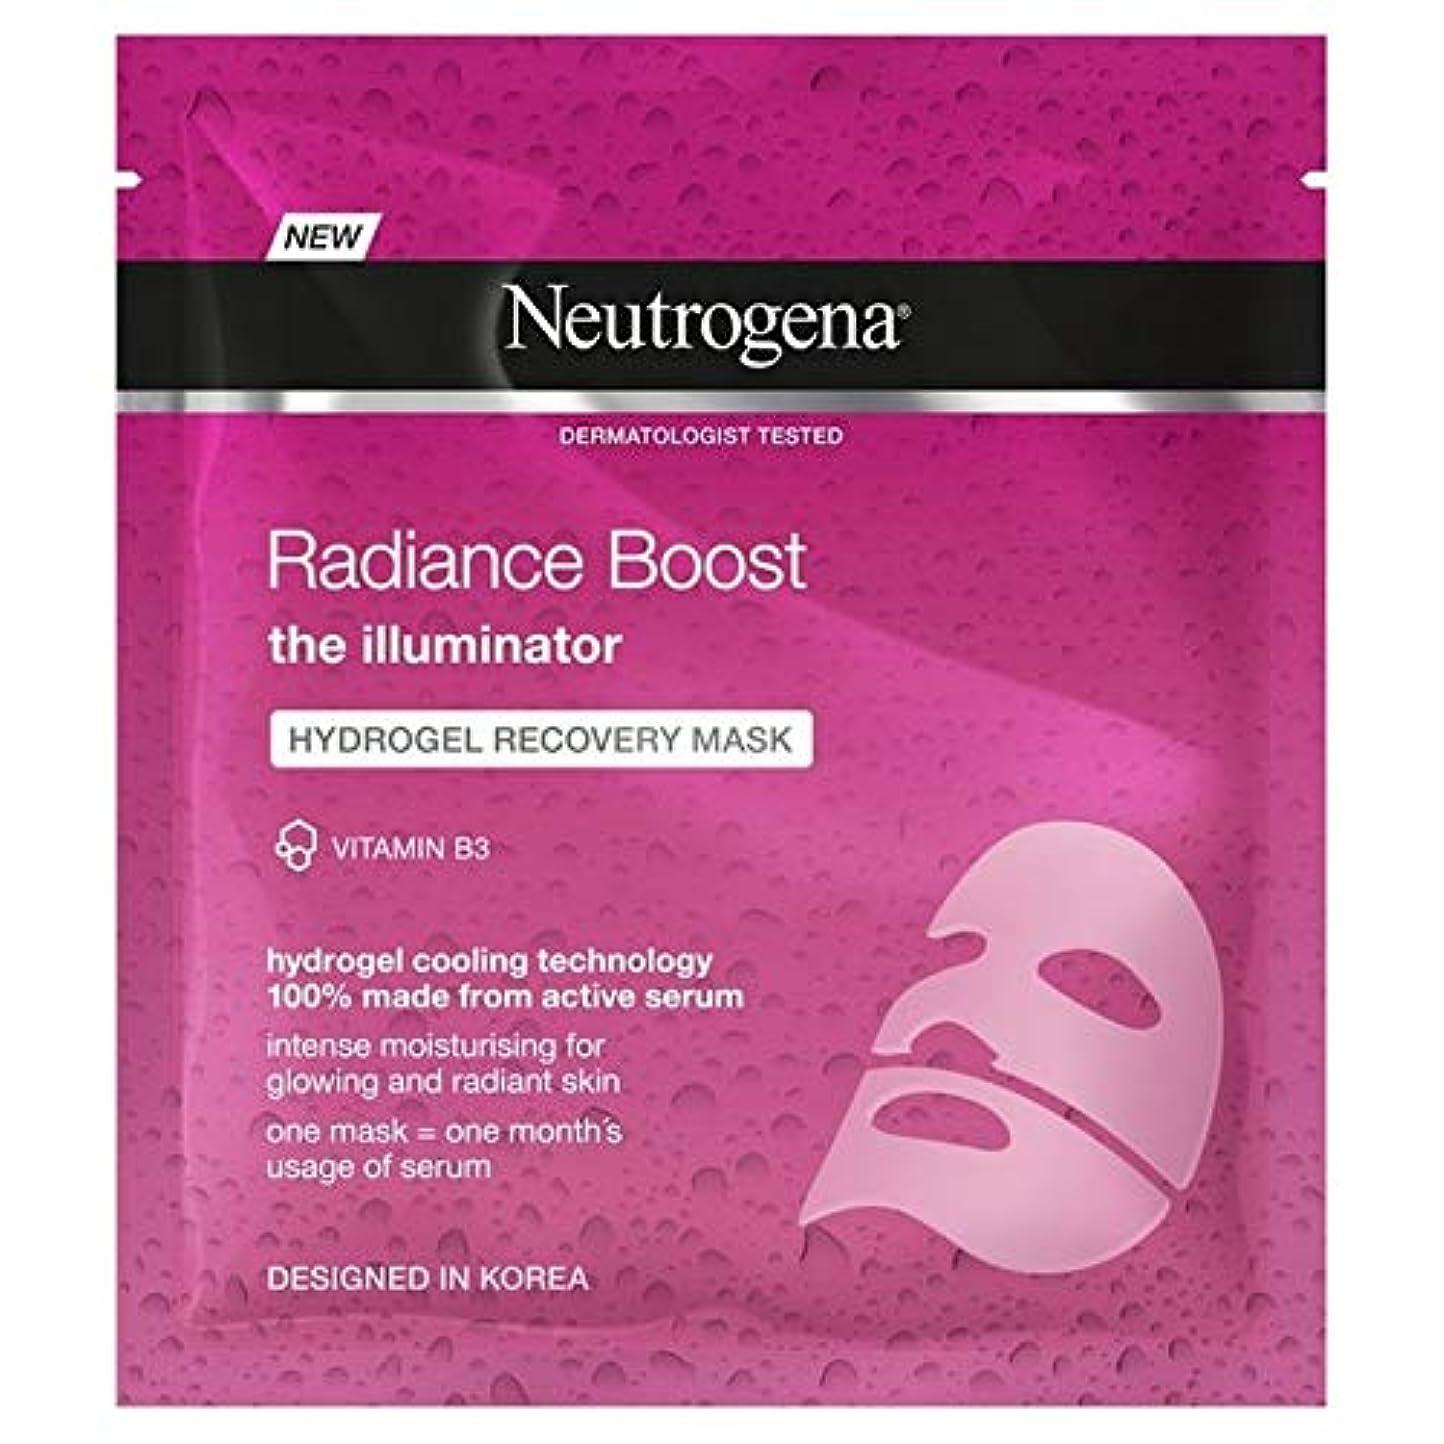 成功トロイの木馬ファンネルウェブスパイダー[Neutrogena] ニュートロジーナ放射輝度ブーストハイドロゲルマスク30ミリリットル - Neutrogena Radiance Boost Hydrogel Mask 30ml [並行輸入品]